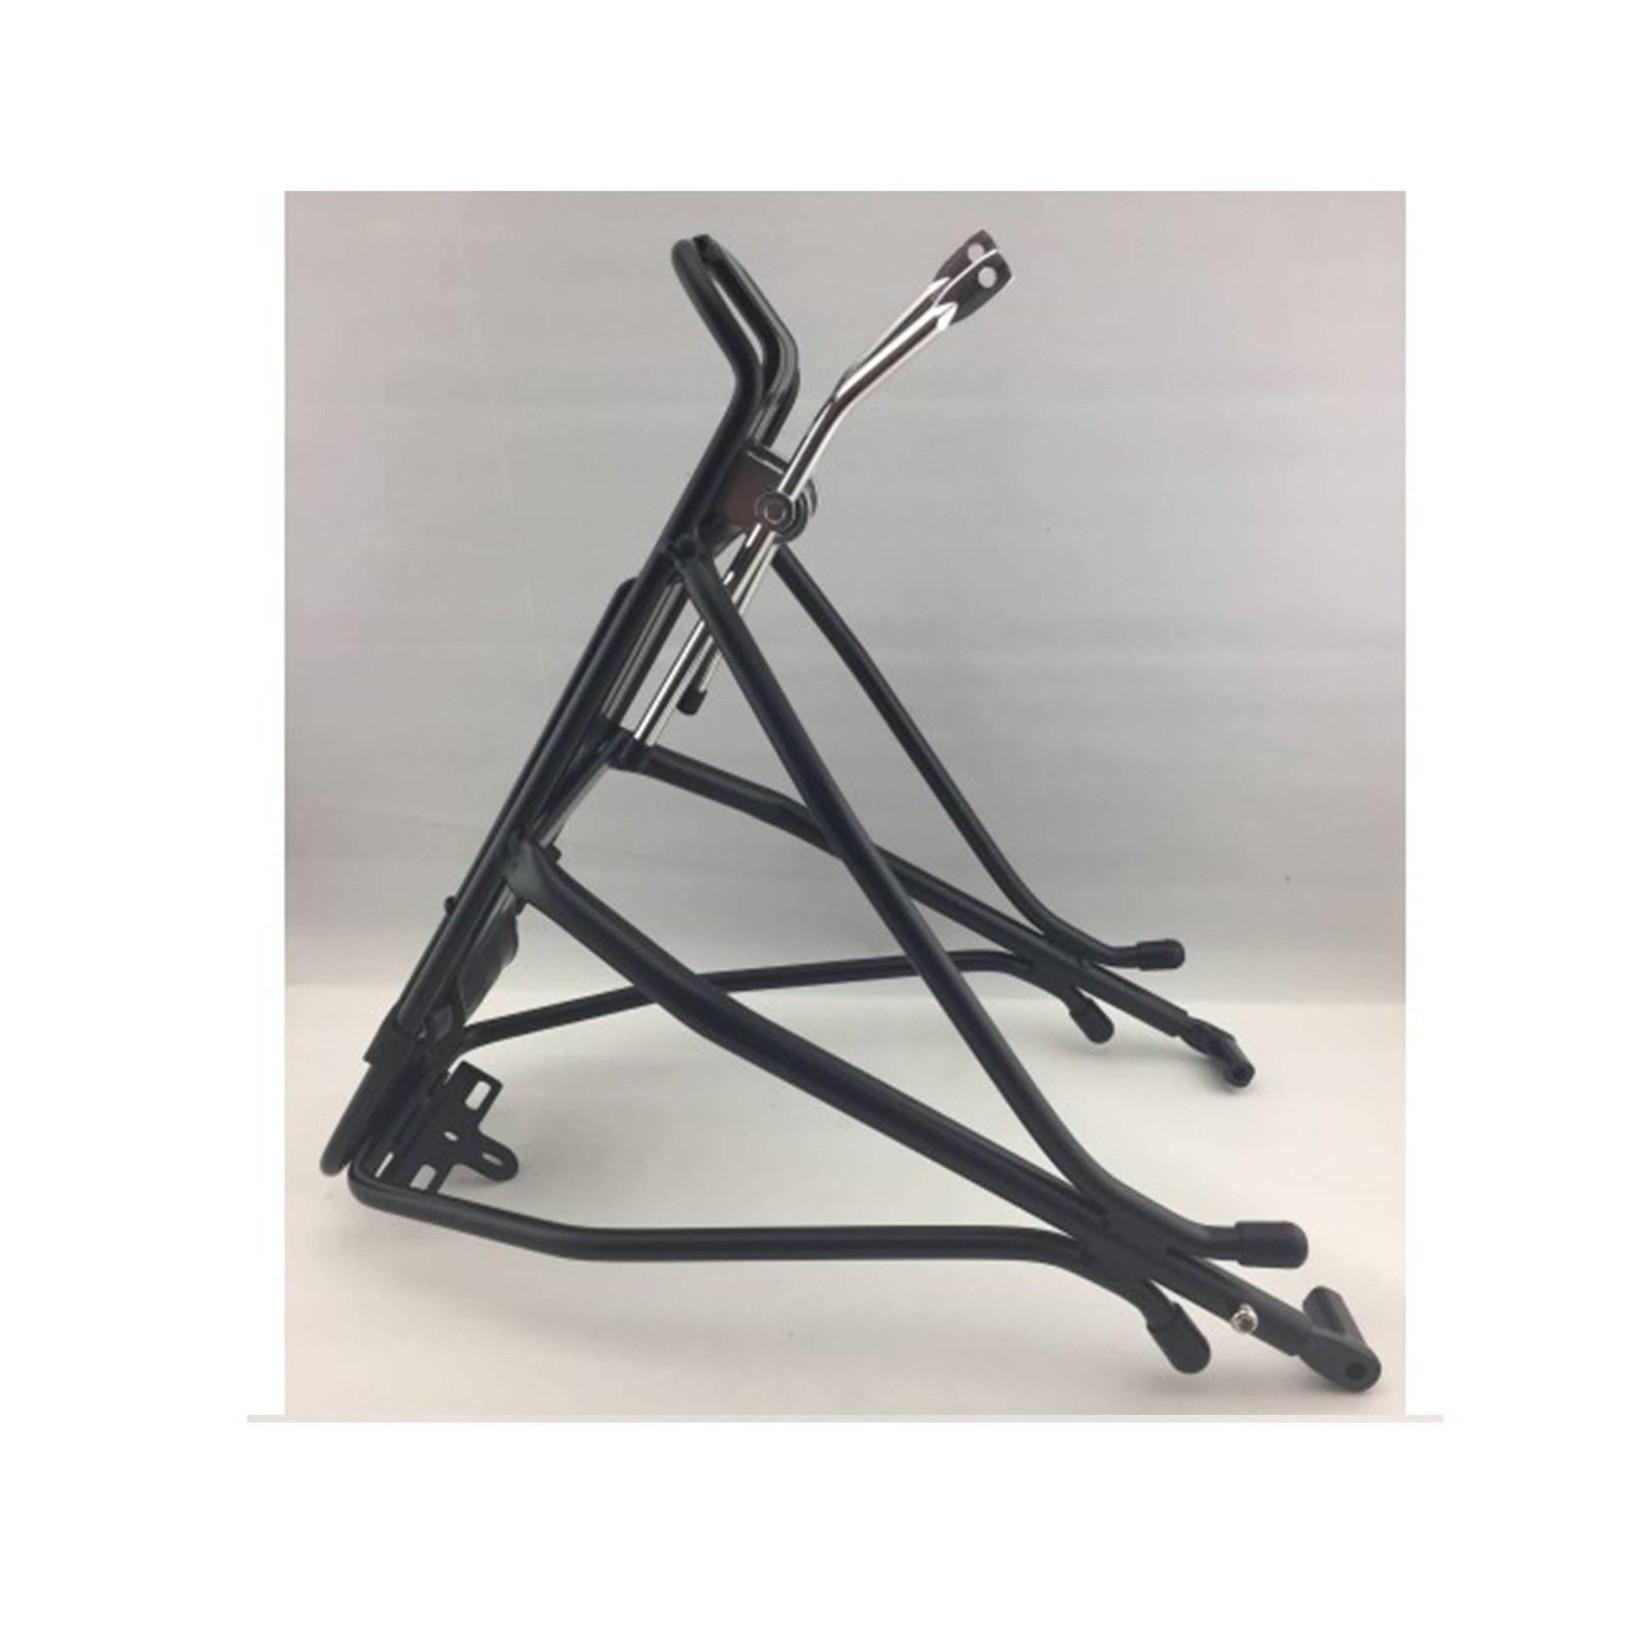 Maxx Pro Adjustable Disc Alloy Pannier Rack